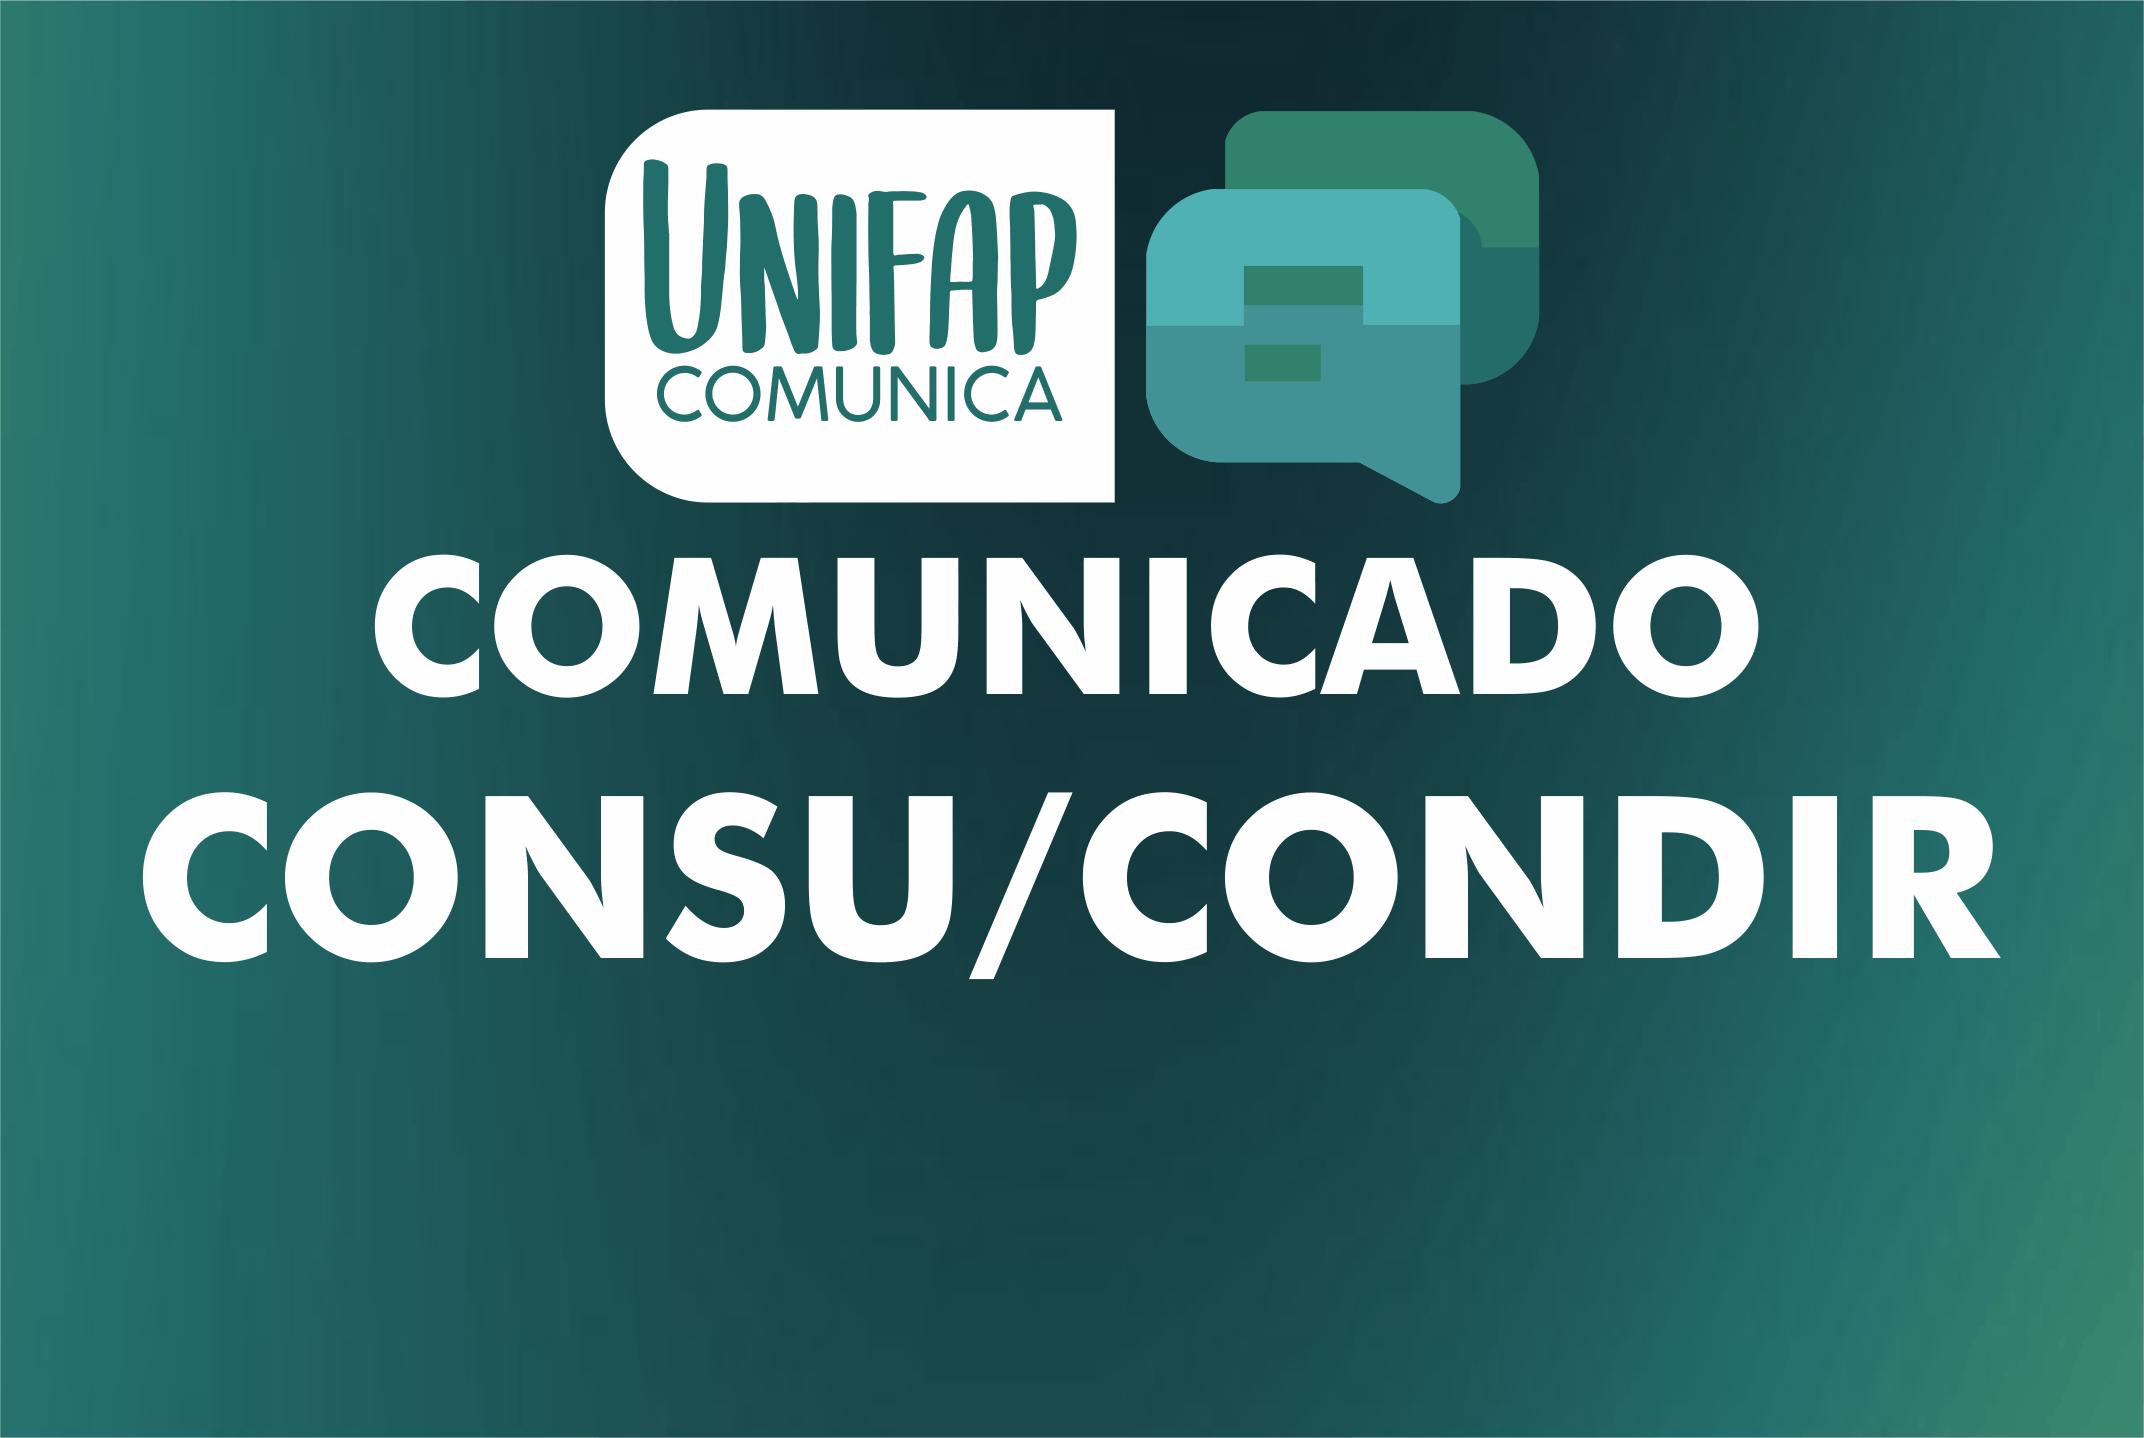 Comissão suspende eleição para categoria docente CONSU/CONDIR